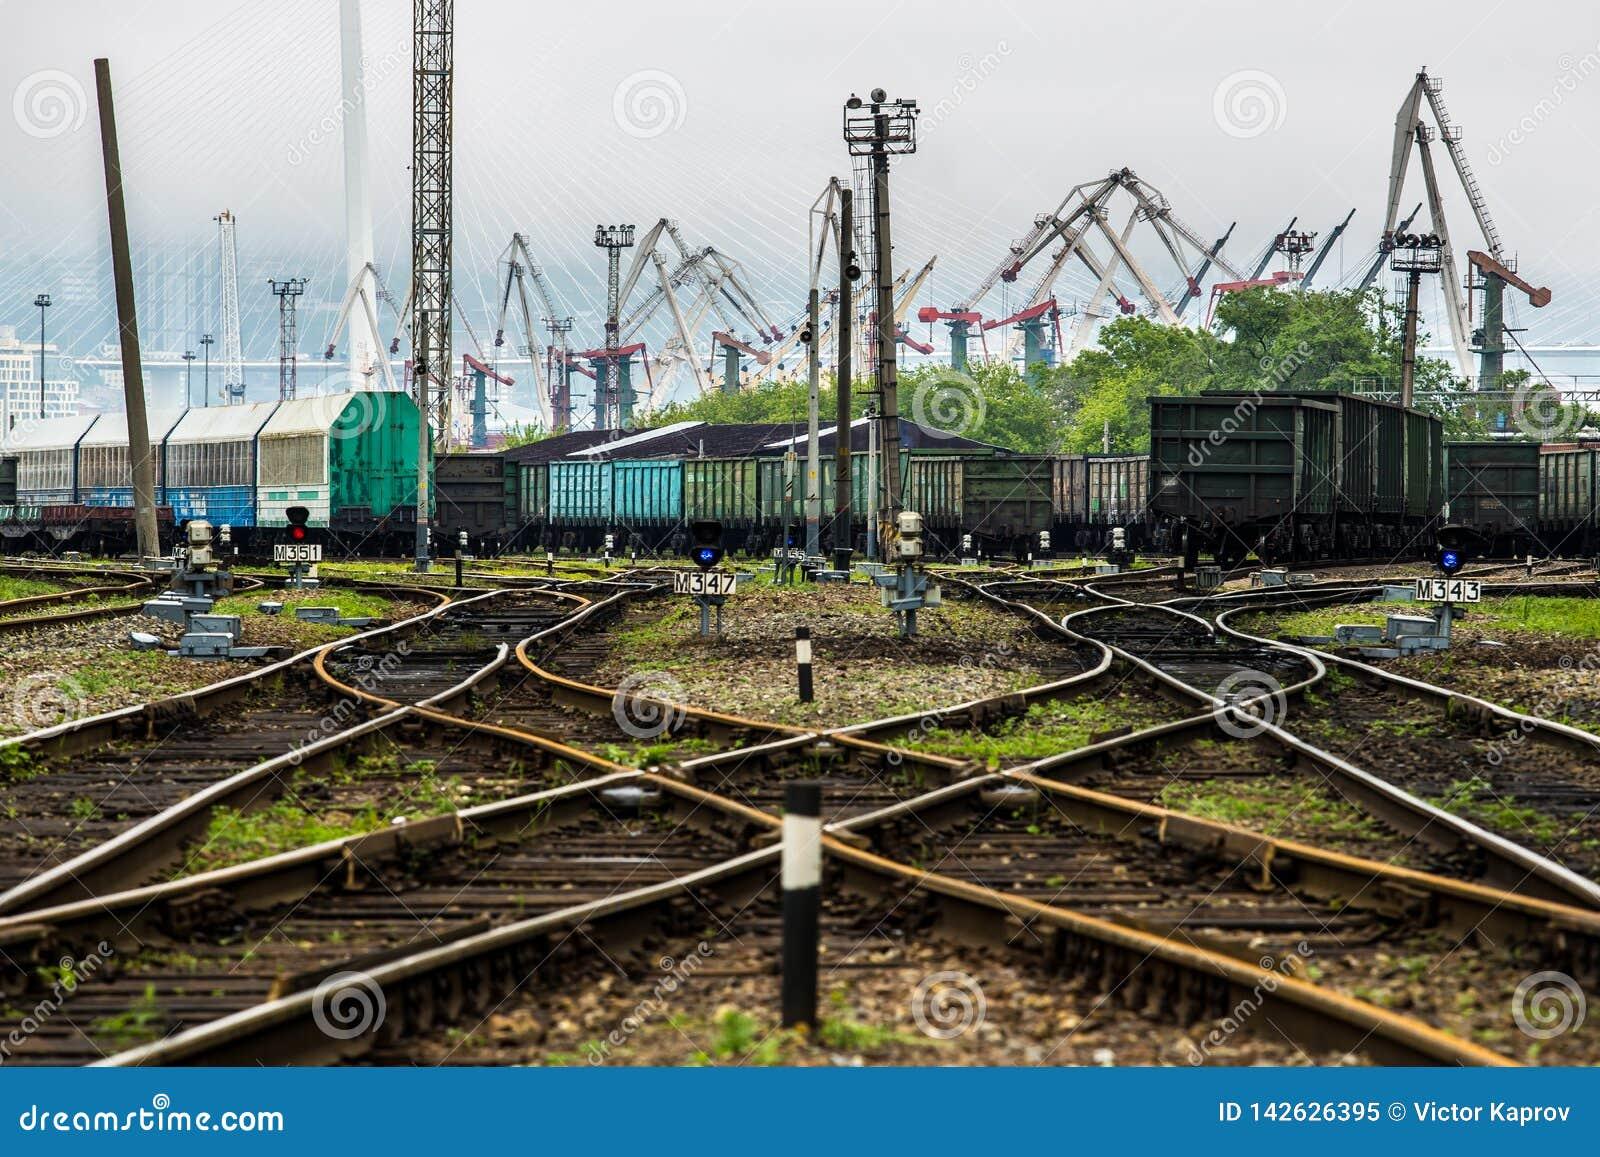 Spoorwegsporen en de haven op de achtergrond